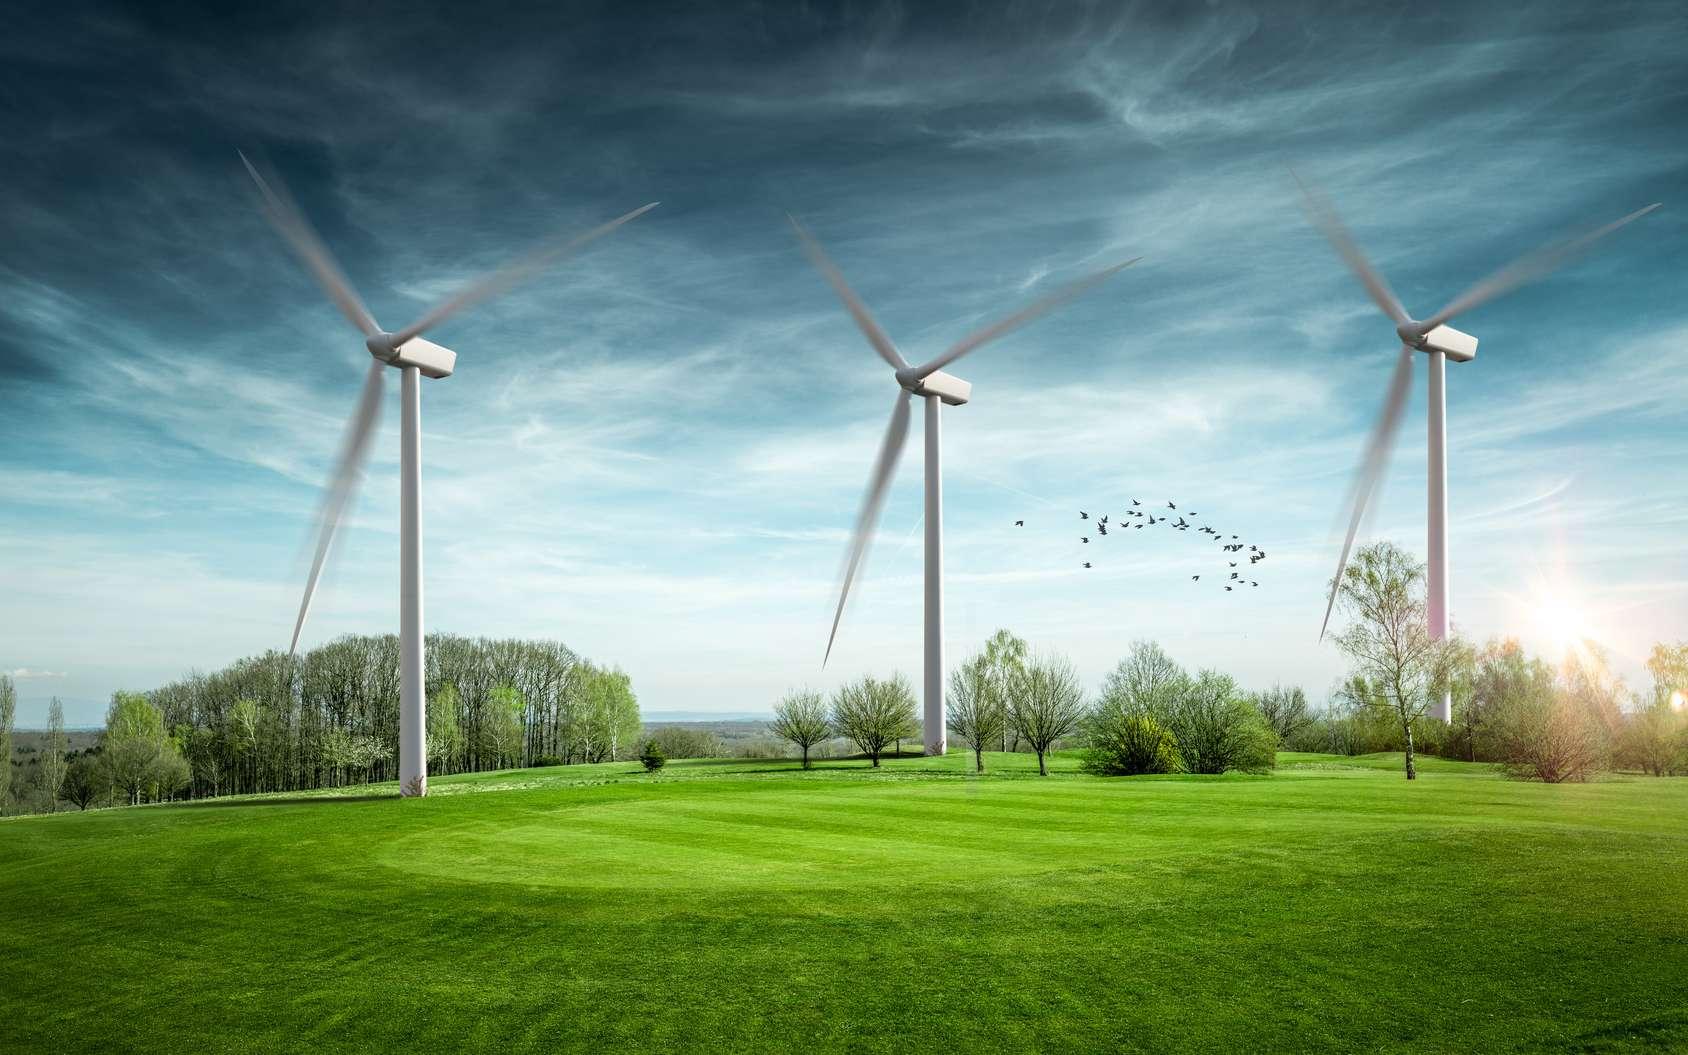 L'énergie éolienne, comme les autres sources renouvelables, est sous-exploitée en France. © Chlorophylle, Fotolia